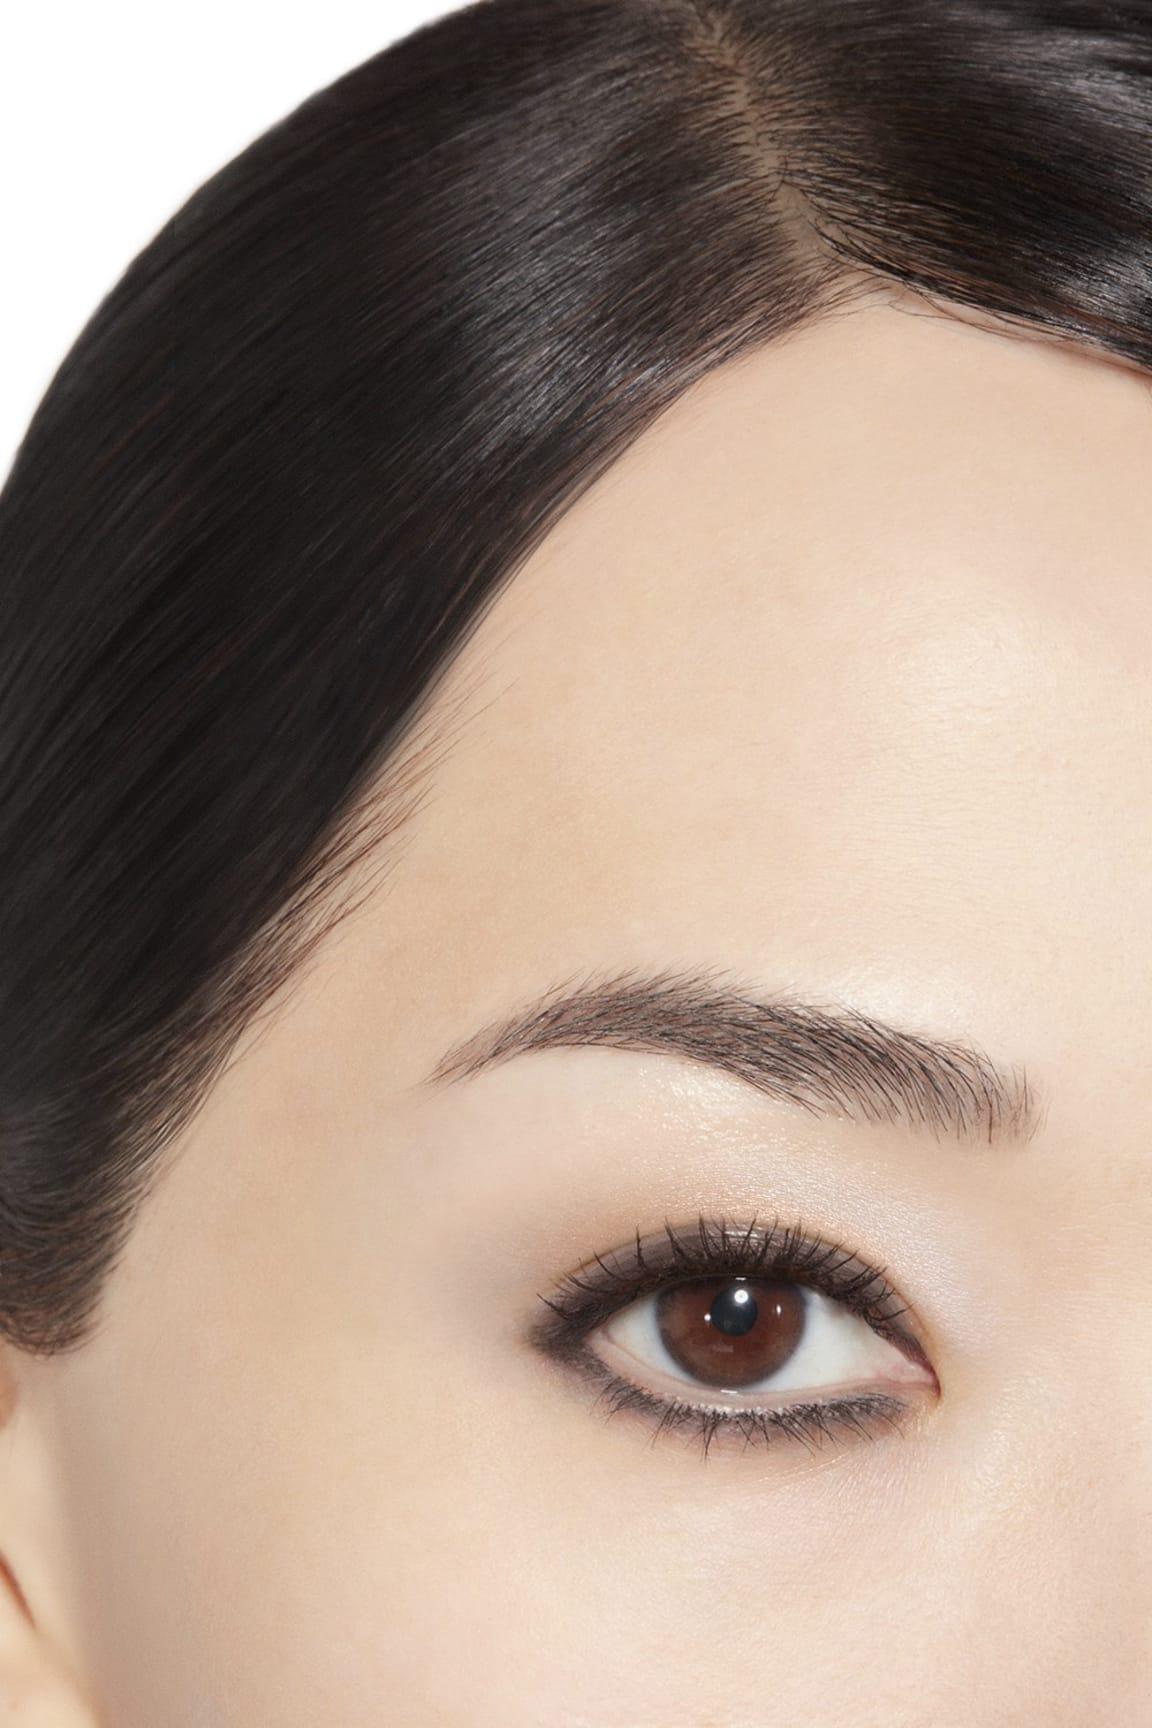 Пример нанесения макияжа 1 - STYLO OMBRE ET CONTOUR 17 - CONTOUR GRAPHITE